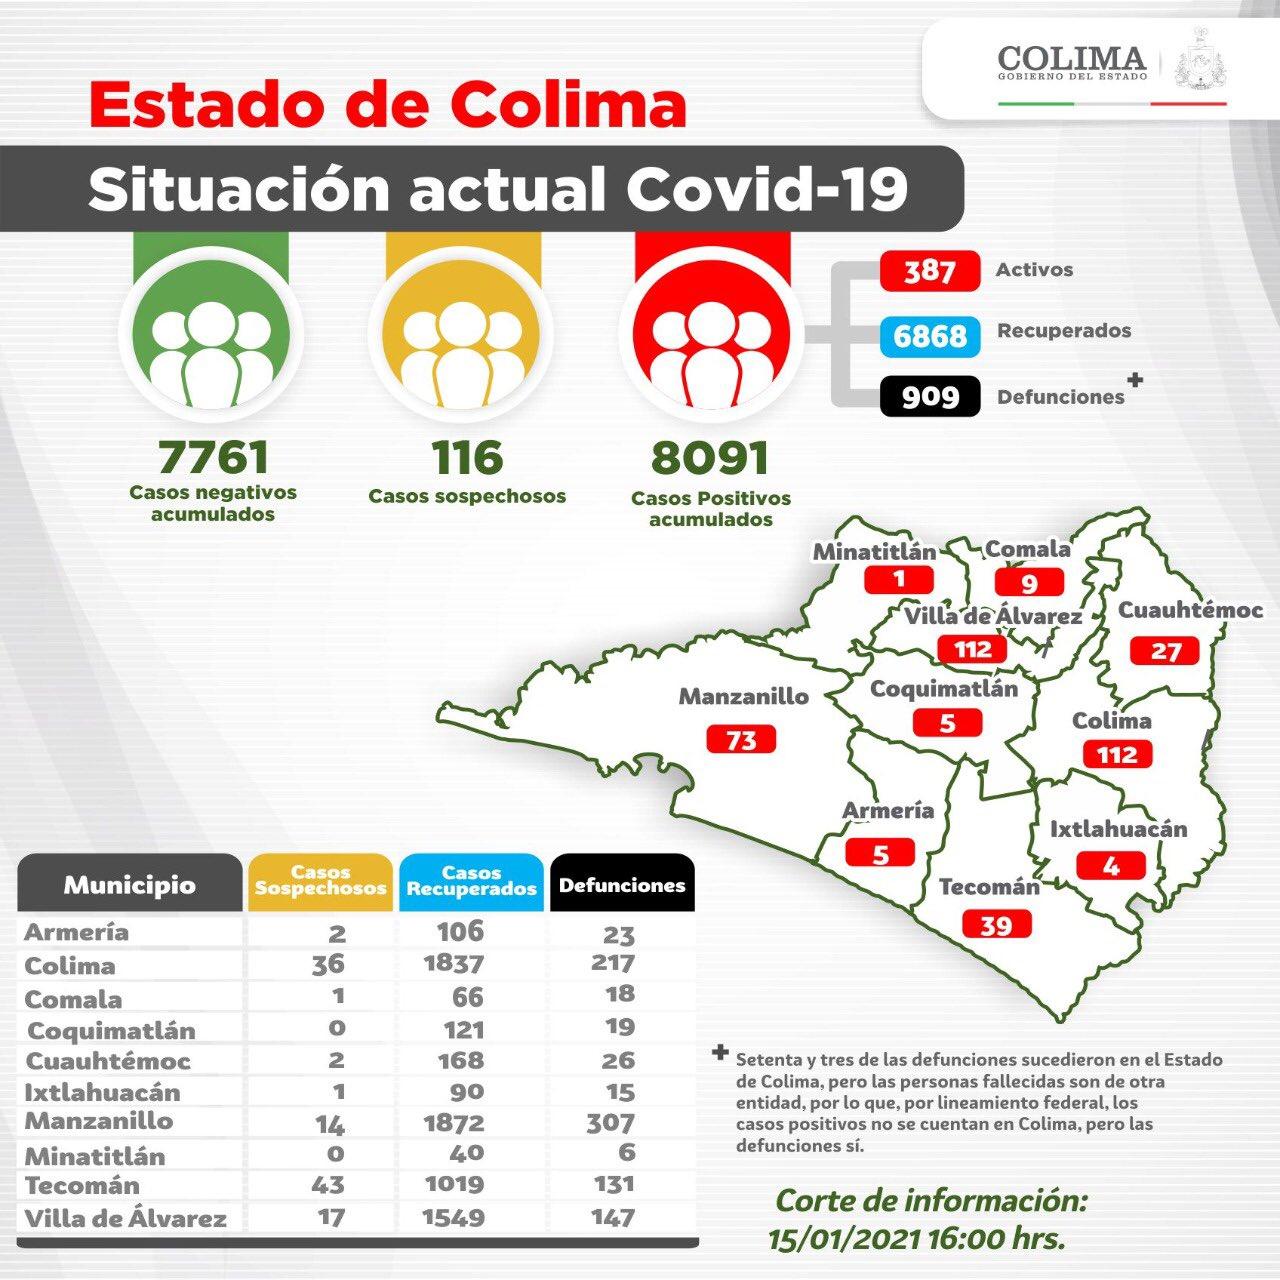 Colima registra 30 nuevos casos y 2 defunciones por Covid-19